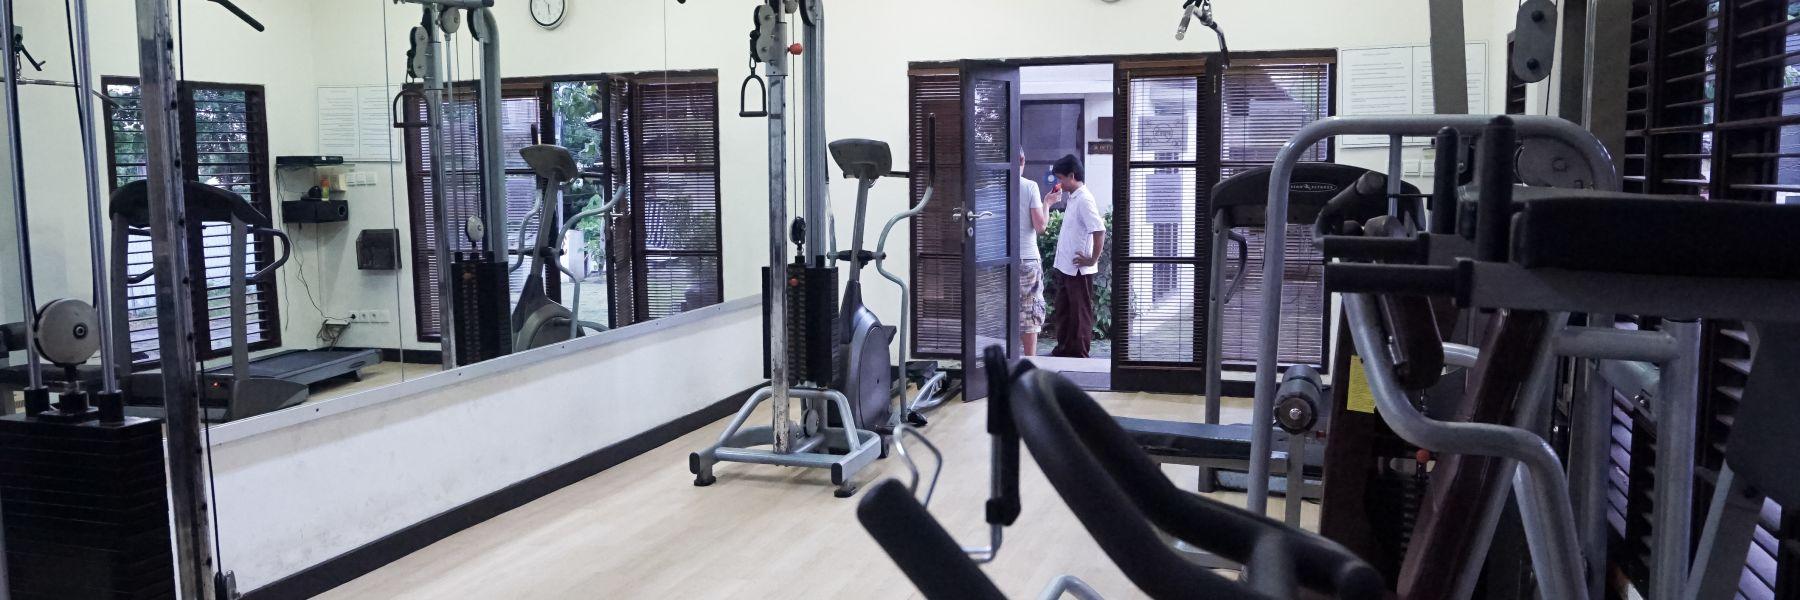 Villa Bali Asri Gym image